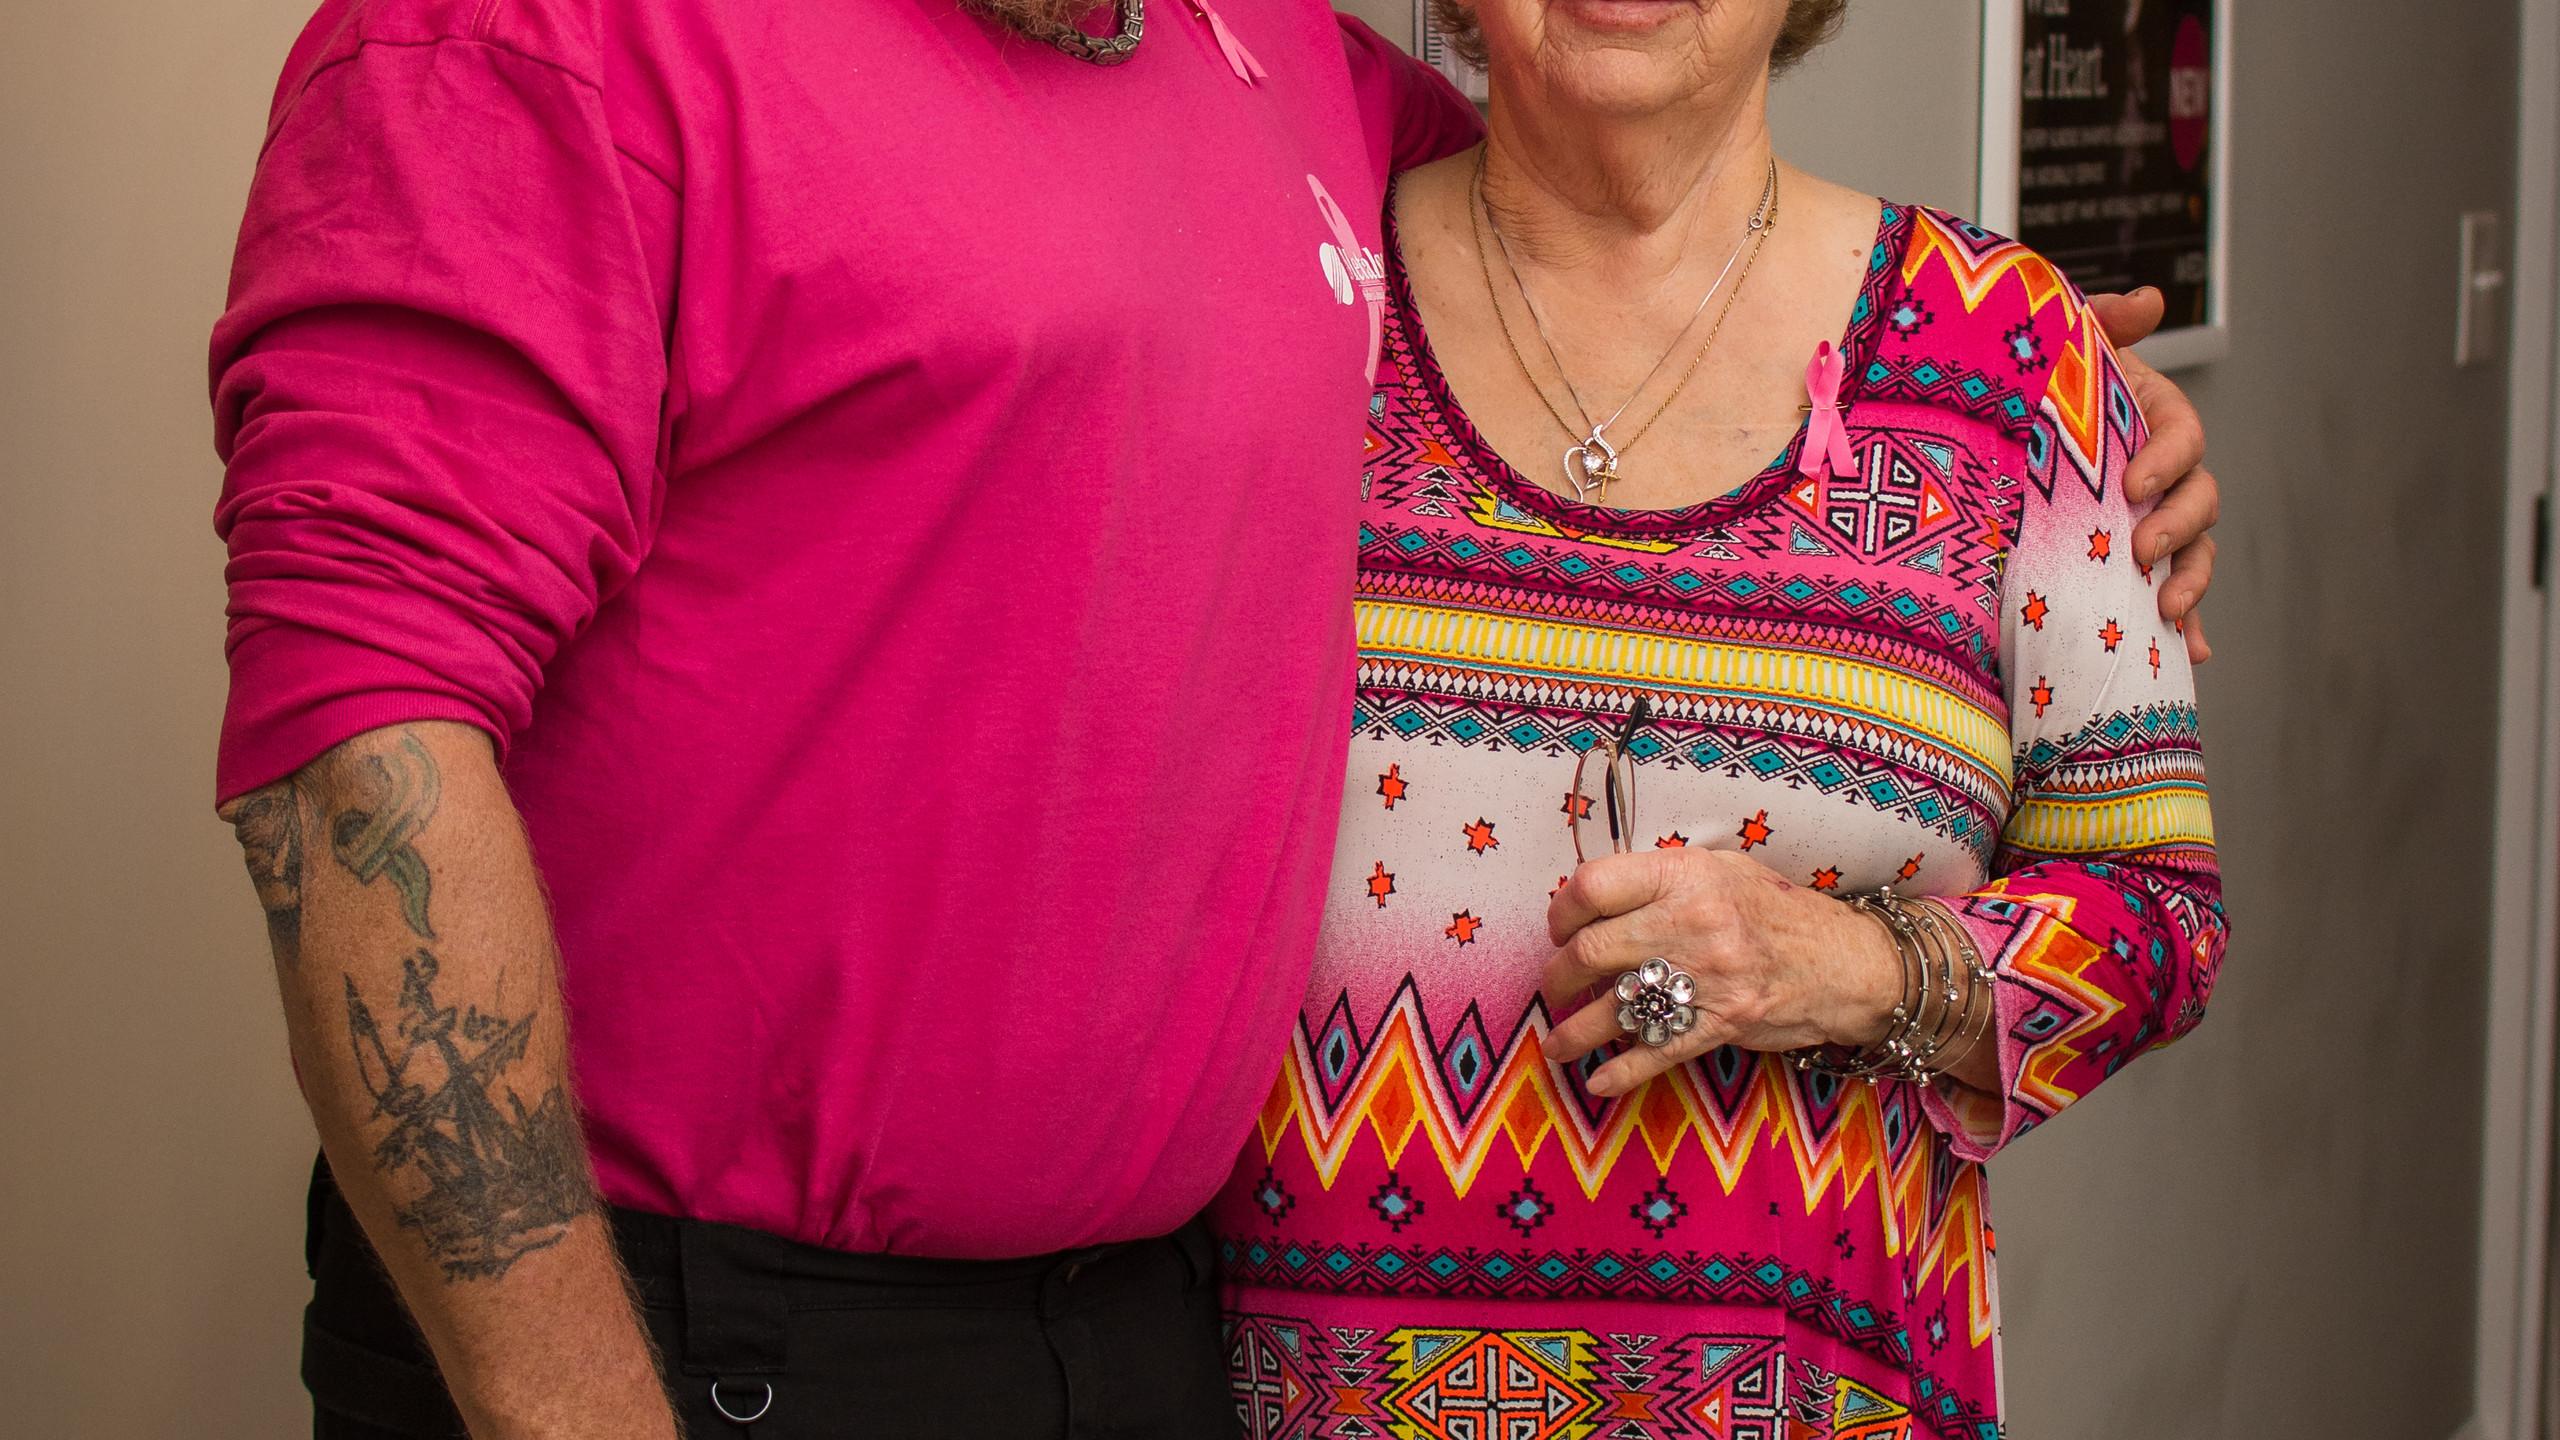 Bobby ethridge and Nelta Yeager